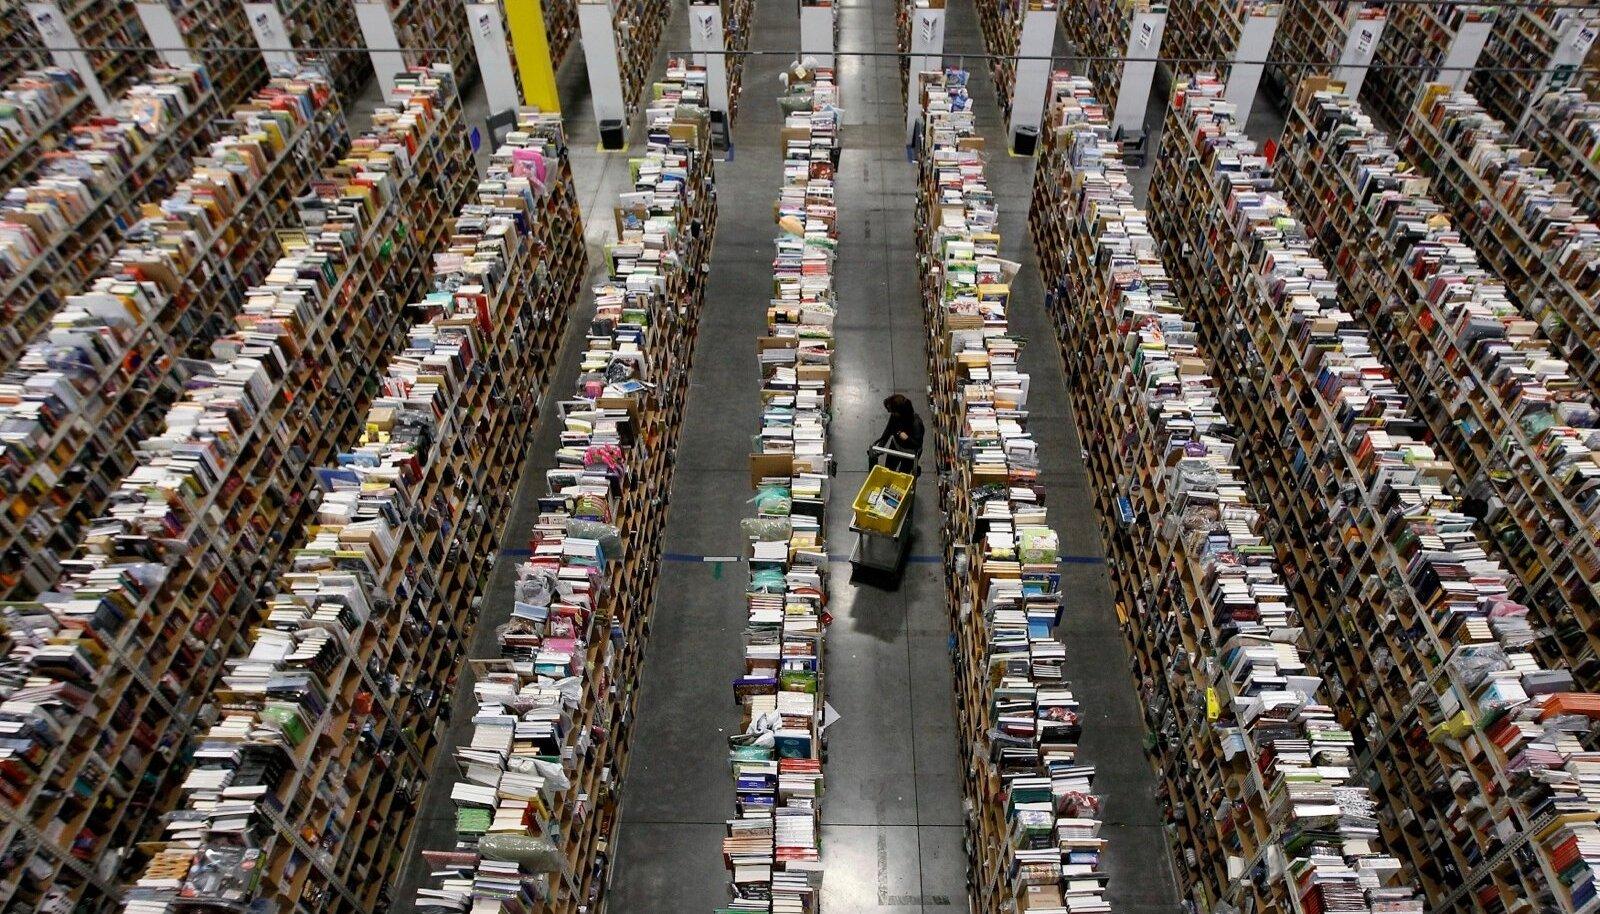 Amazoni laotöötajate raskest elust on ennegi kirjutatud, kuid ka kontorirahva elu ei ole firmas meelakkumine. Pildil Amazoni ladu USA-s Phoenixis.